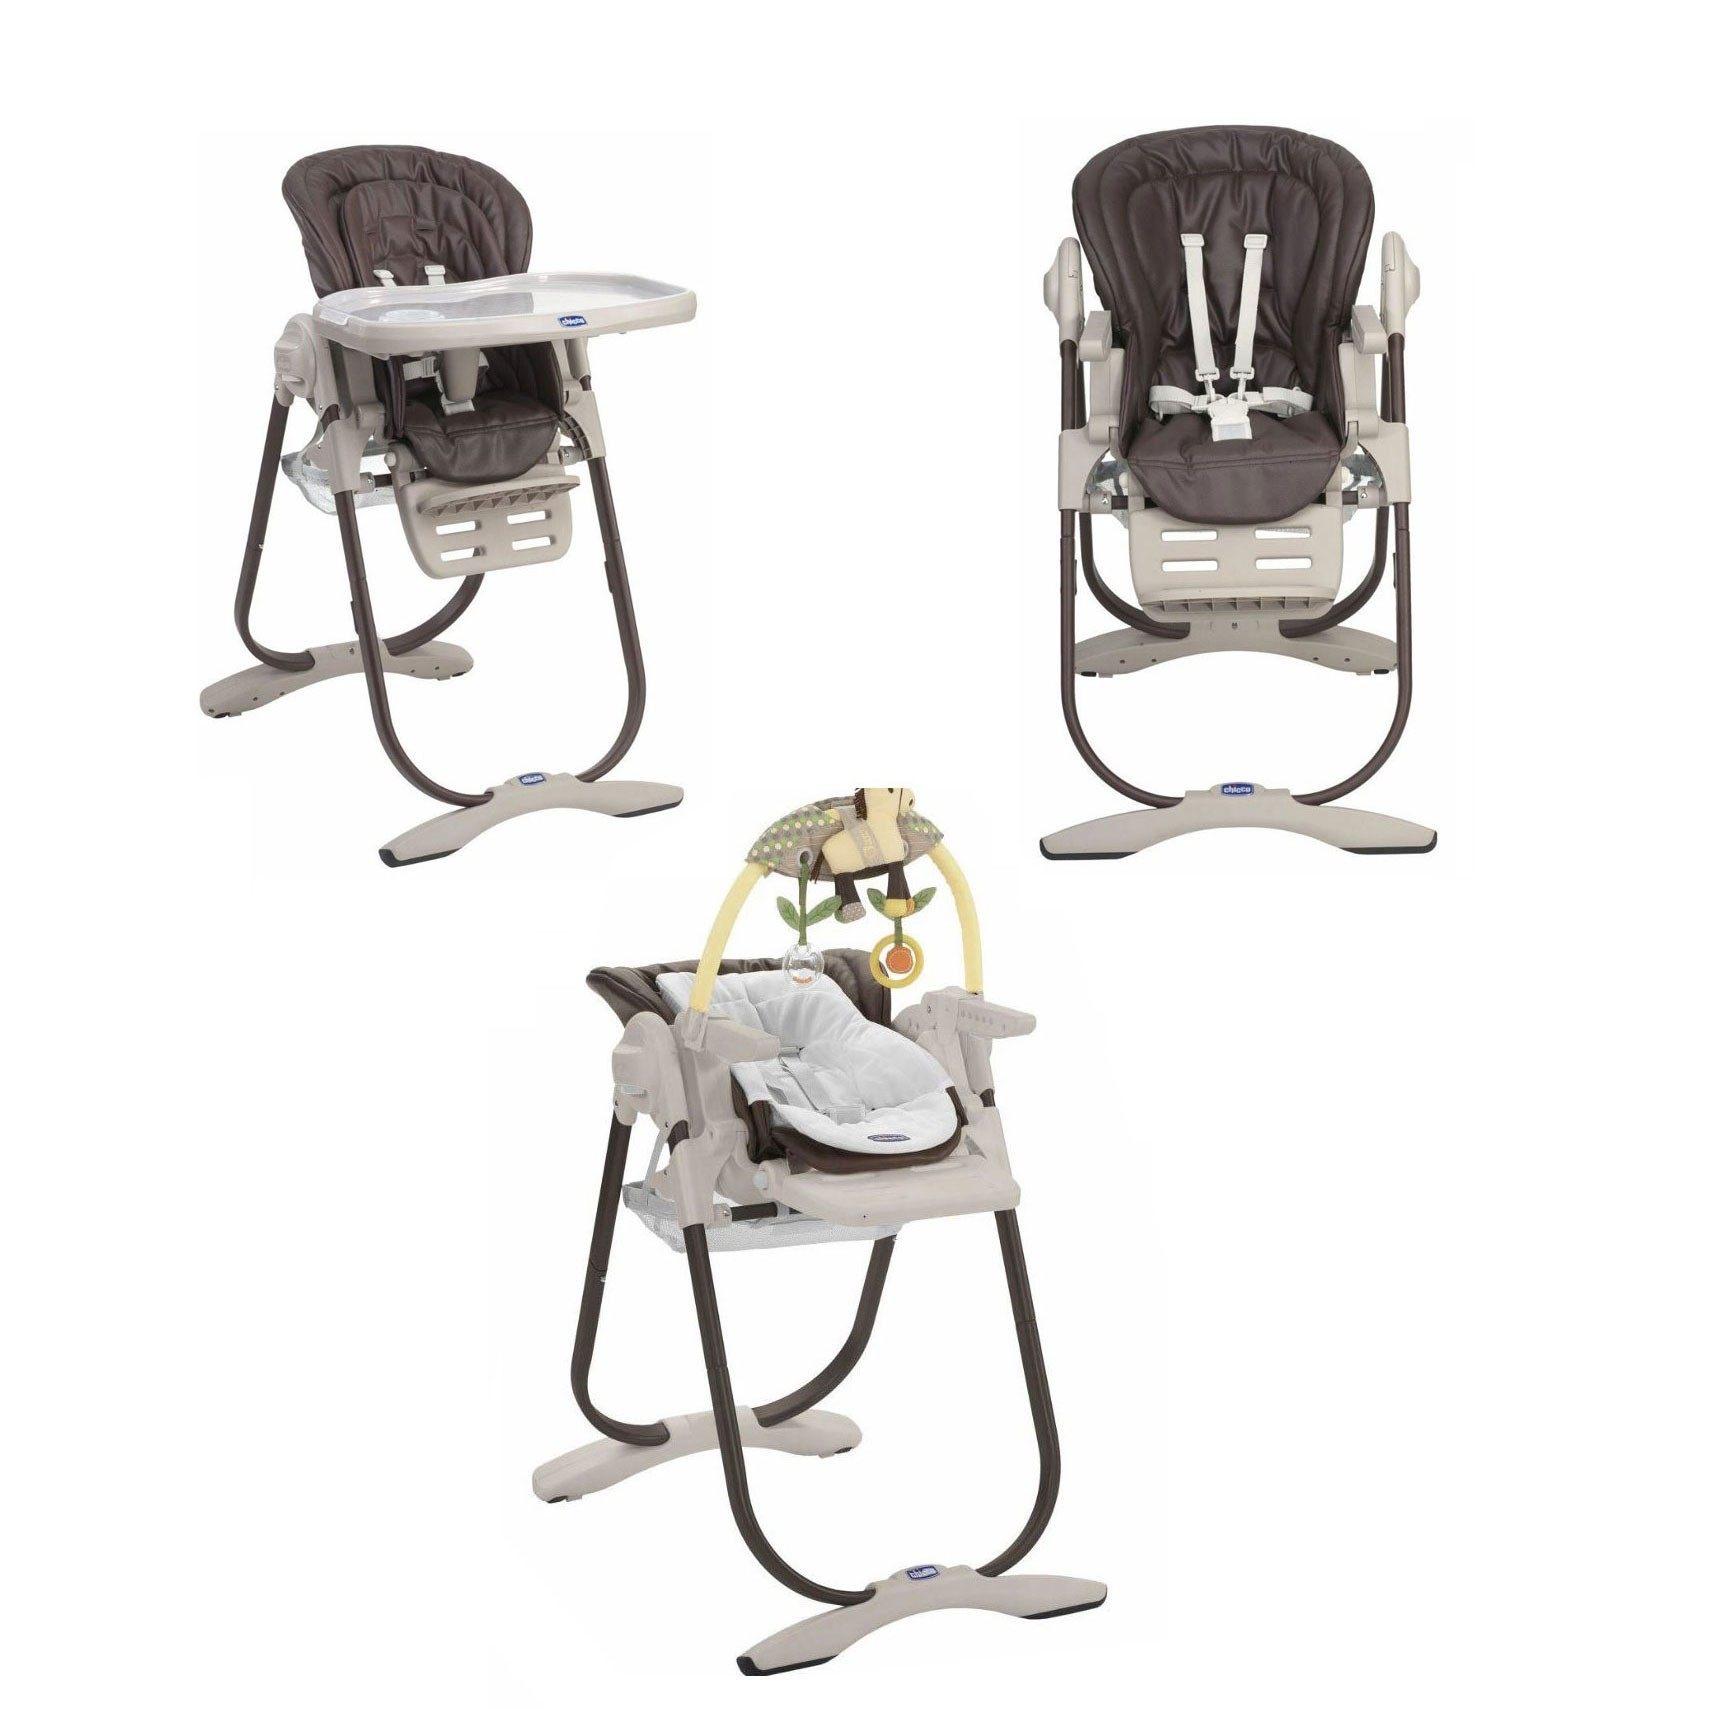 Chicco Lit Bebe Génial Belle Allo Bebe Chaise Haute Dans Chaise Haute 3 En 1 Elegant Chaise